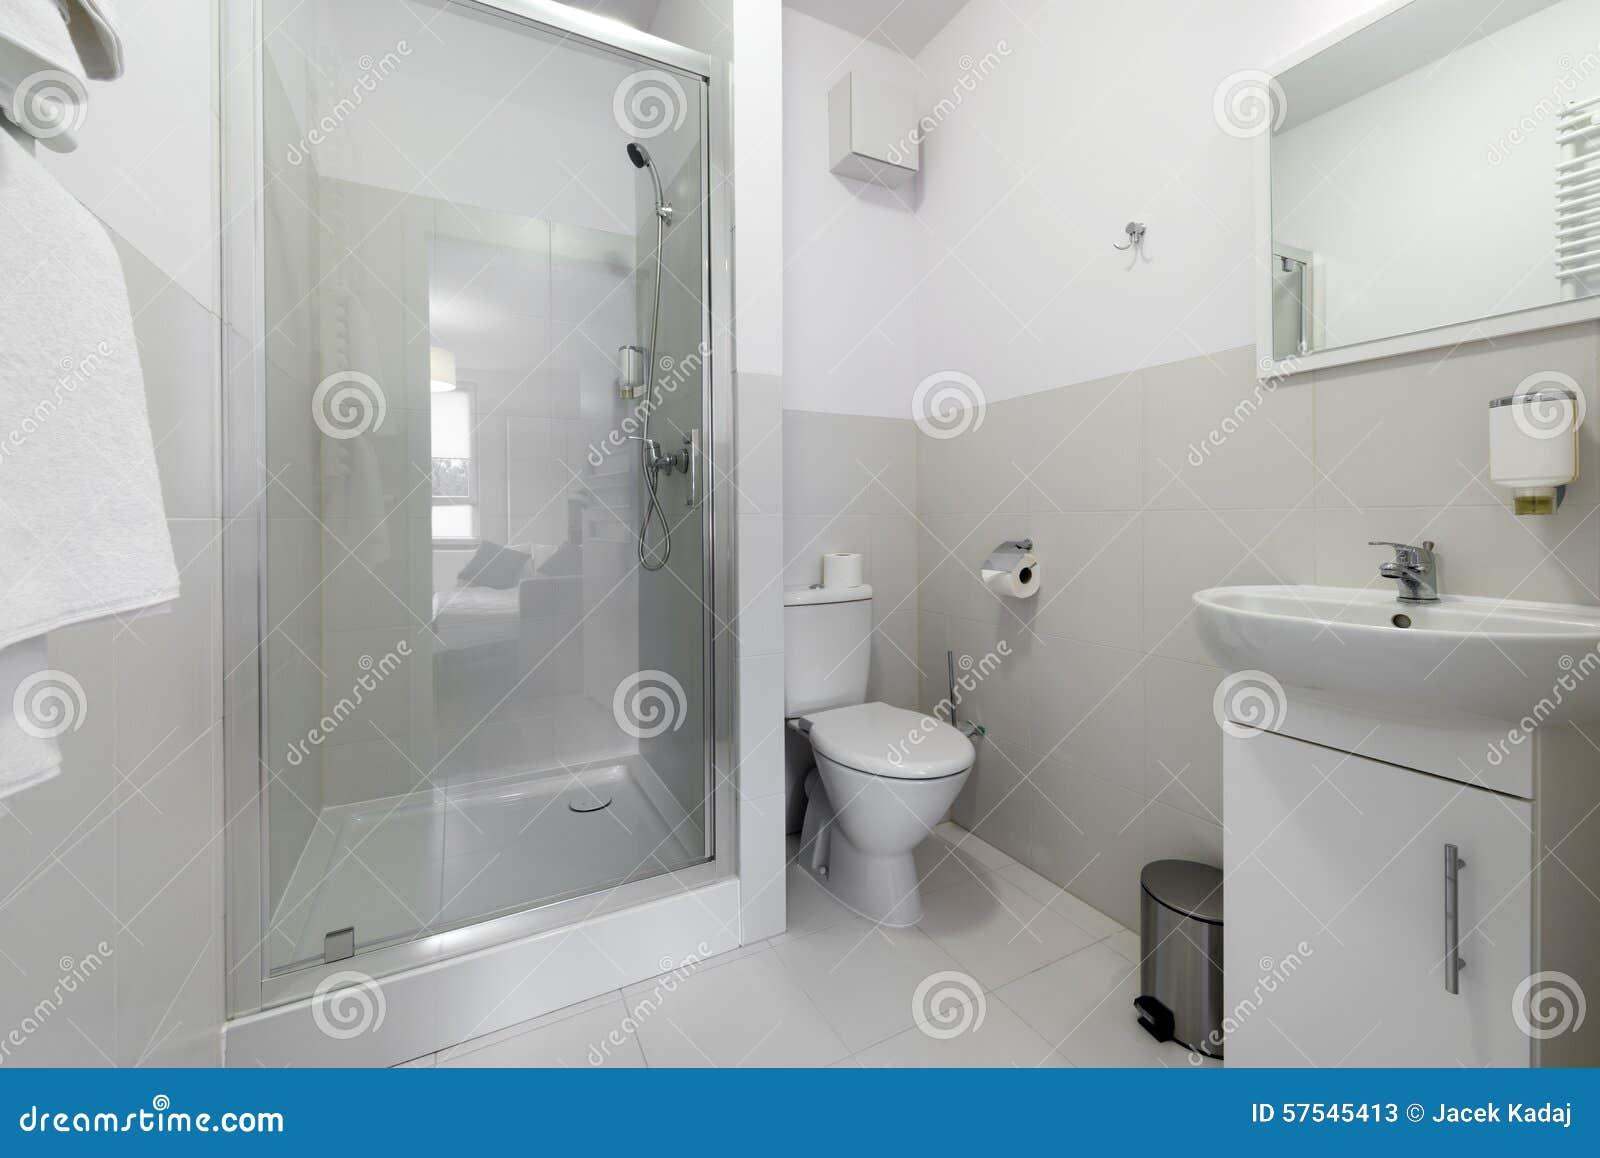 Cuarto De Baño Pequeño Y Compacto Imagen de archivo - Imagen de ...